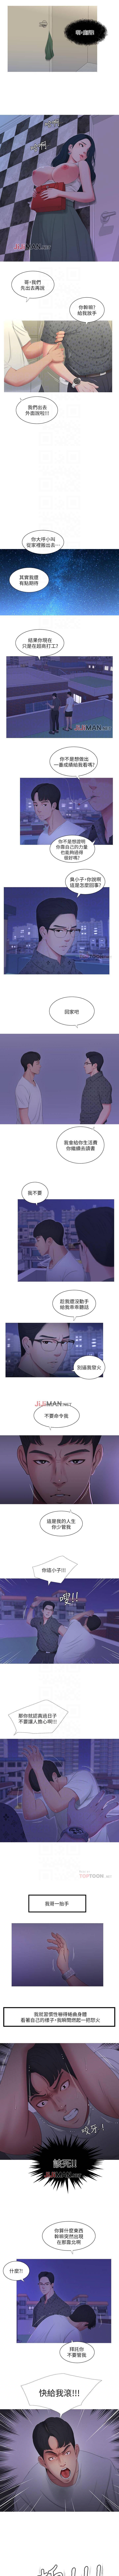 【周四连载】亲家四姐妹(作者:愛摸) 第1~37话 54